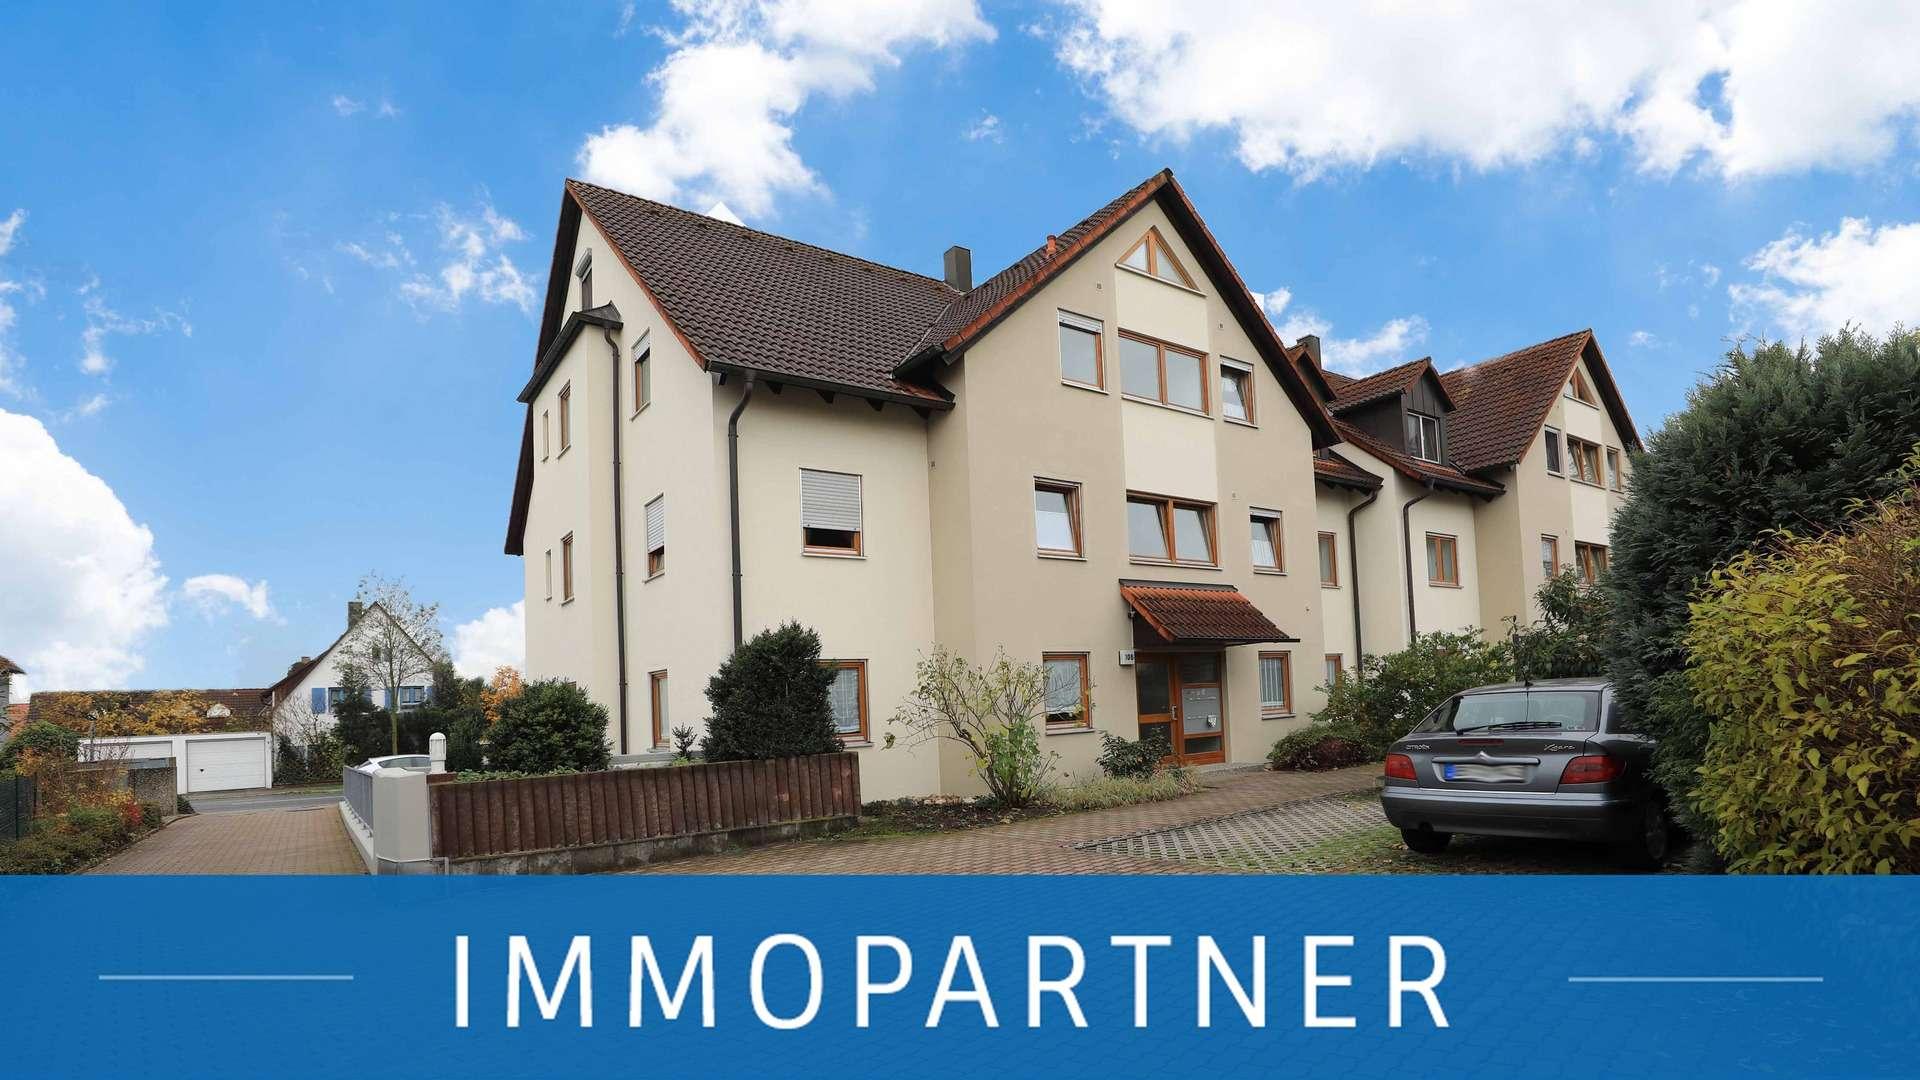 IMMOPARTNER - GLÜCKSGRIFF! in Atzenhof / Burgfarrnbach (Fürth)